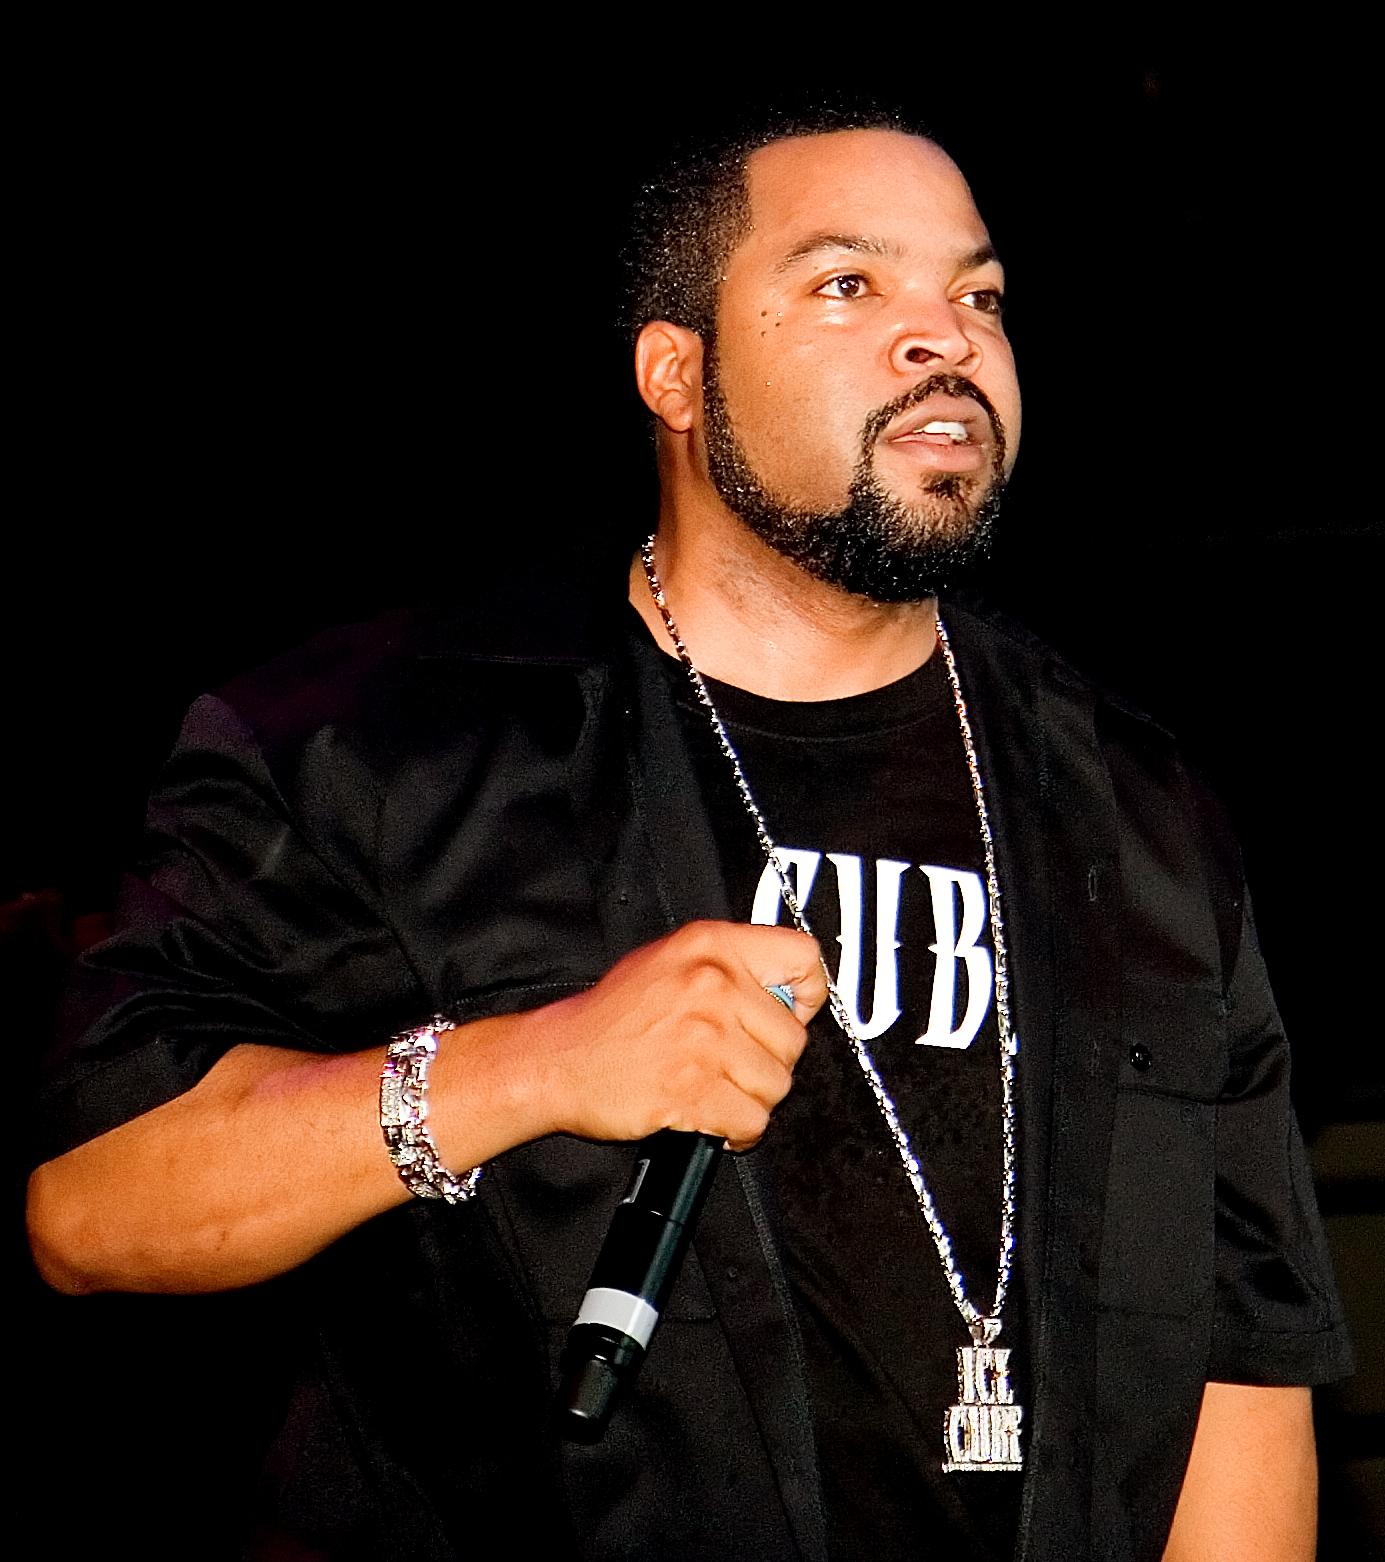 Ice Cube, O'Shea, NWA, Biopic, Hip Hop